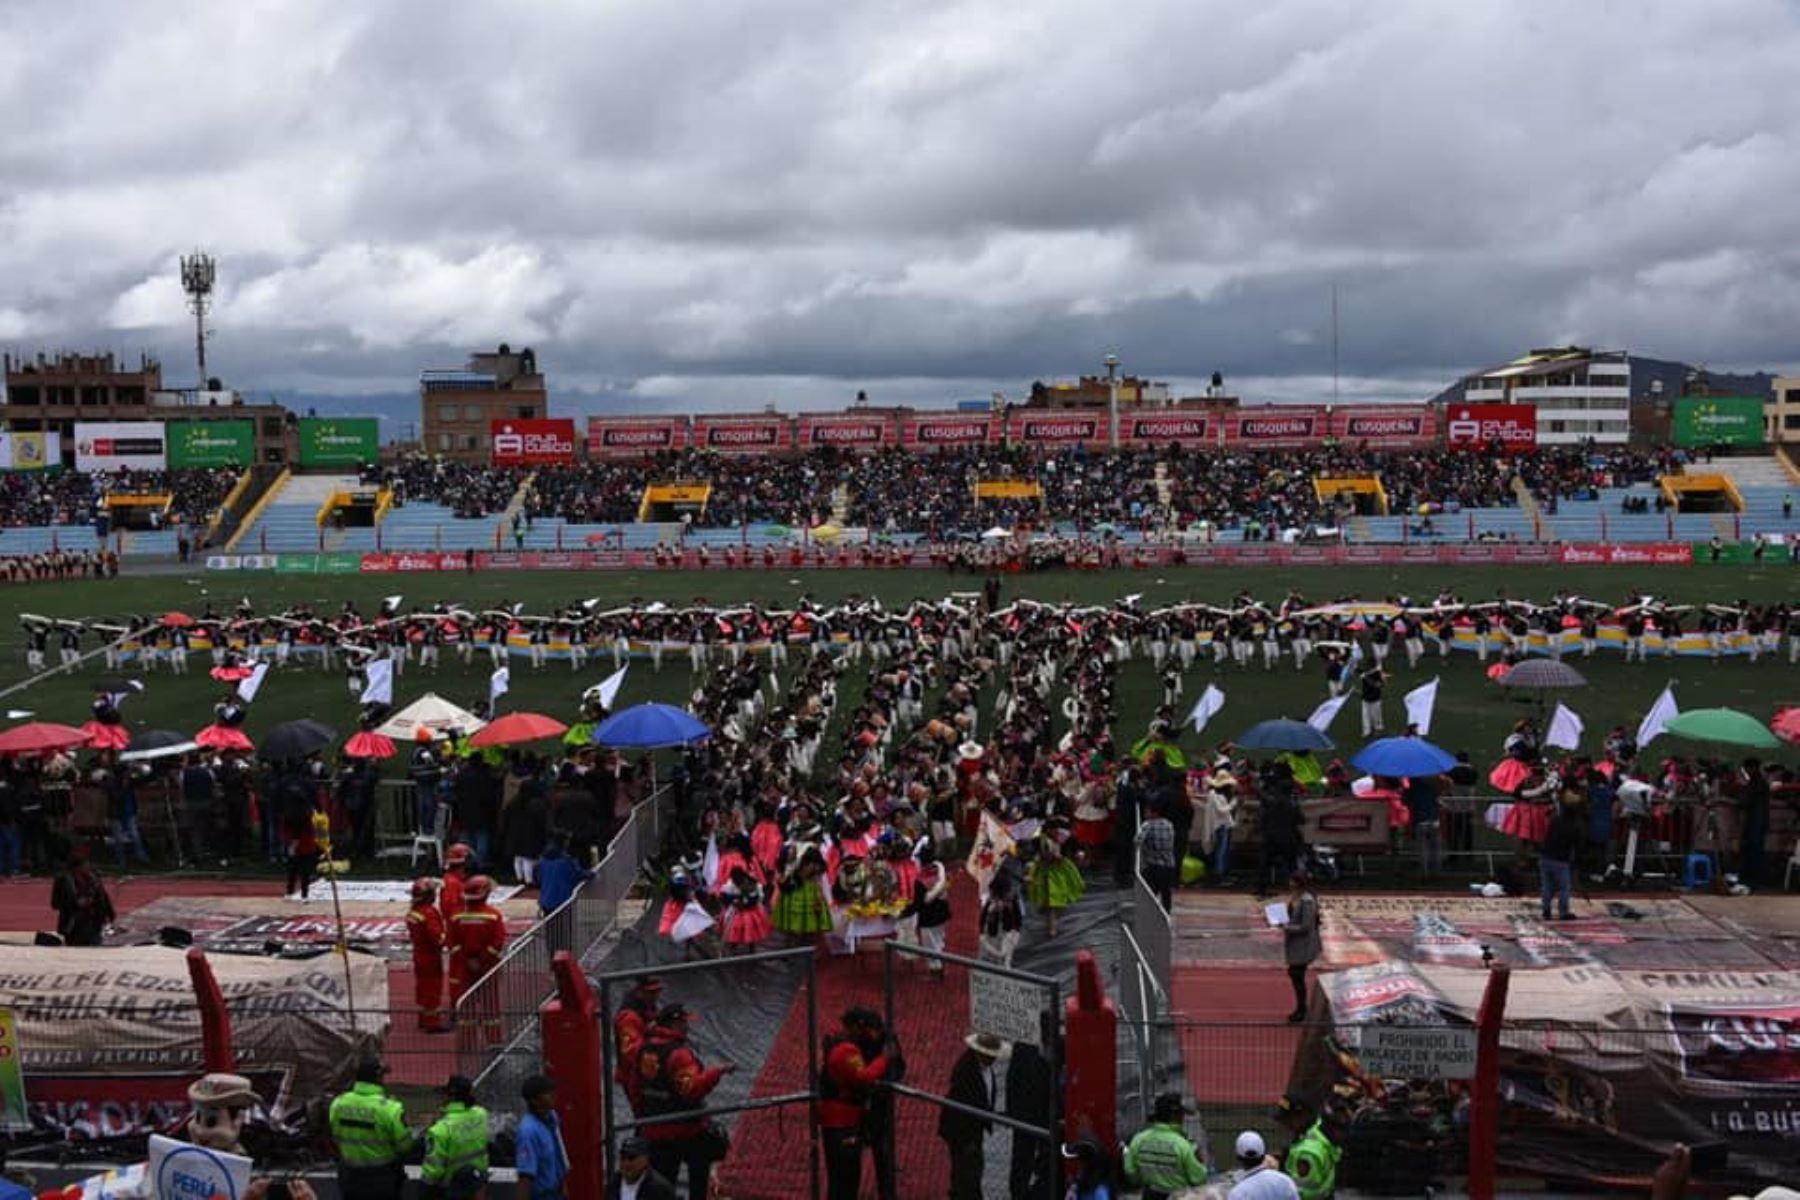 En el estadio monumental Enrique Torres Belón bailarán 112 conjuntos en el LV Concurso de Danzas Típicas y Nativas (autóctonas) en honor a la Virgen de la Candelaria. Foto: Facebook del Gobierno Regional de Puno